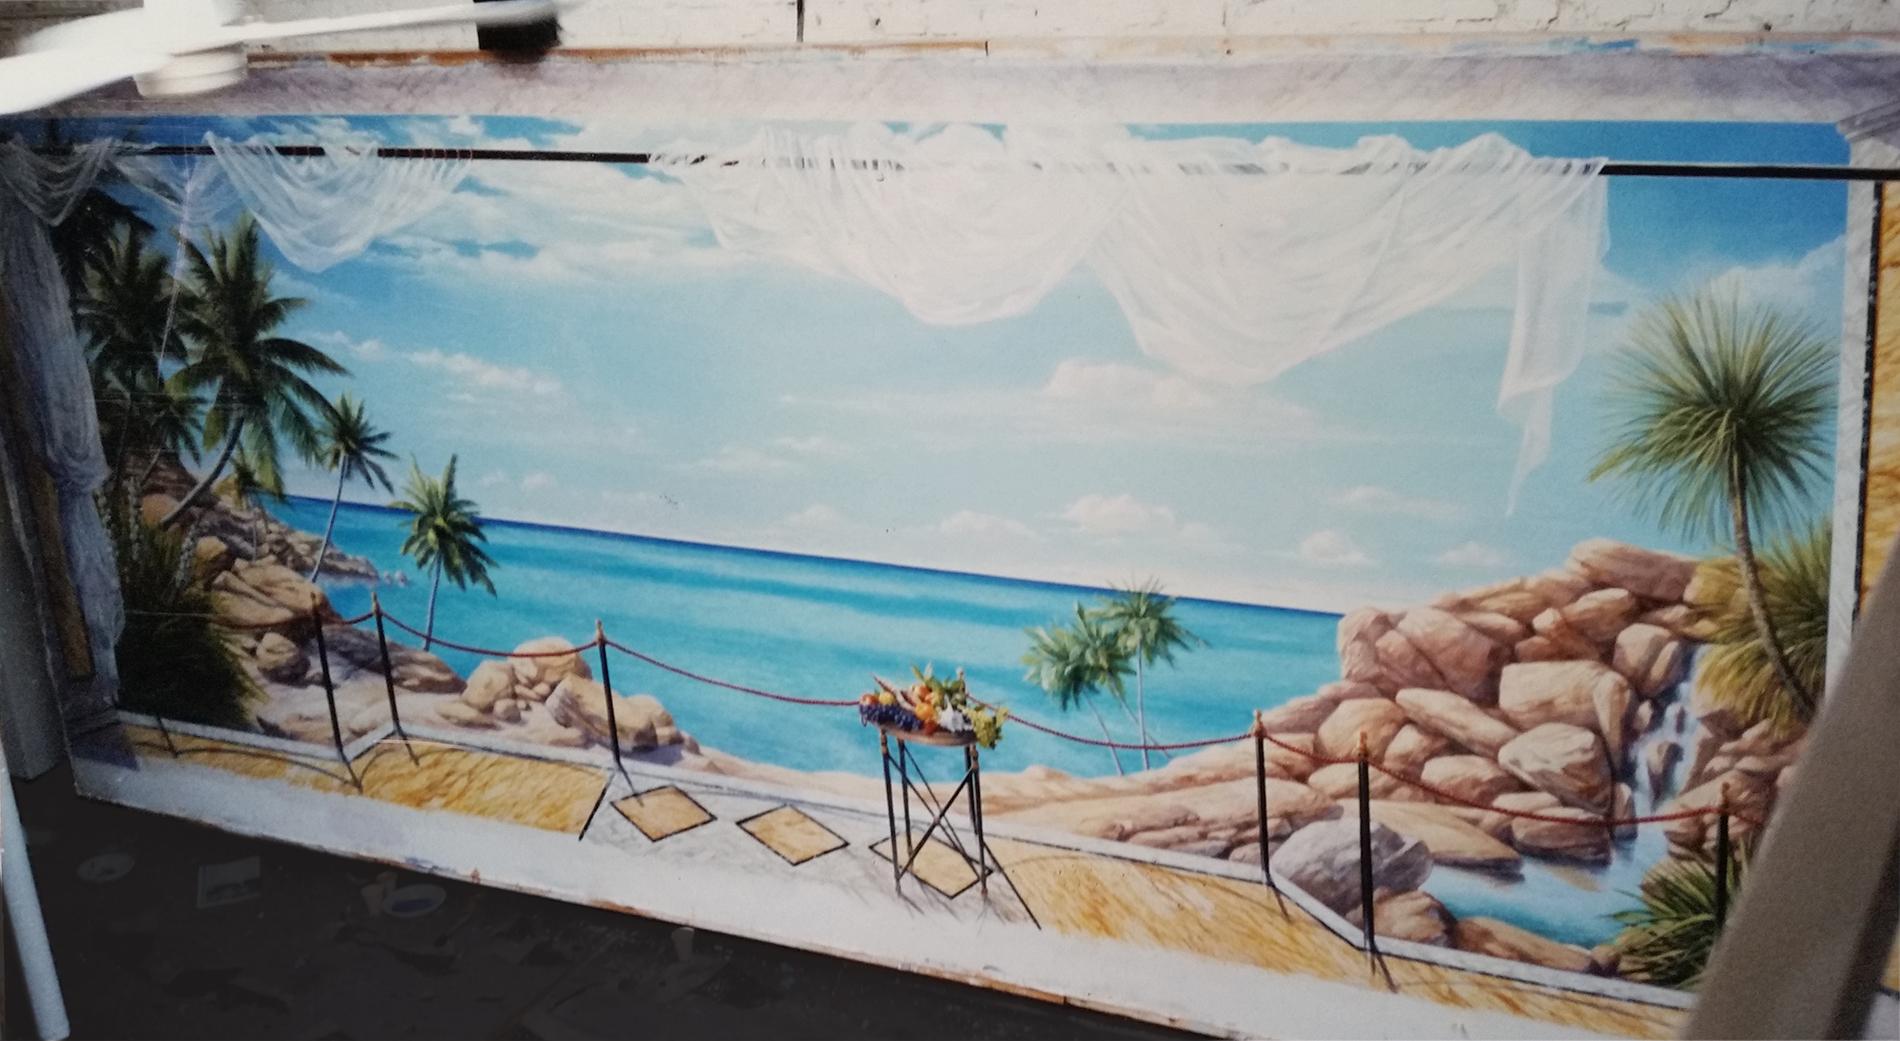 """Veduta """"Oceano"""" Residenza Reale Skhirat Marocco Tecnica mista. Colorazione ad acrilico su tela. Cm 700x280"""